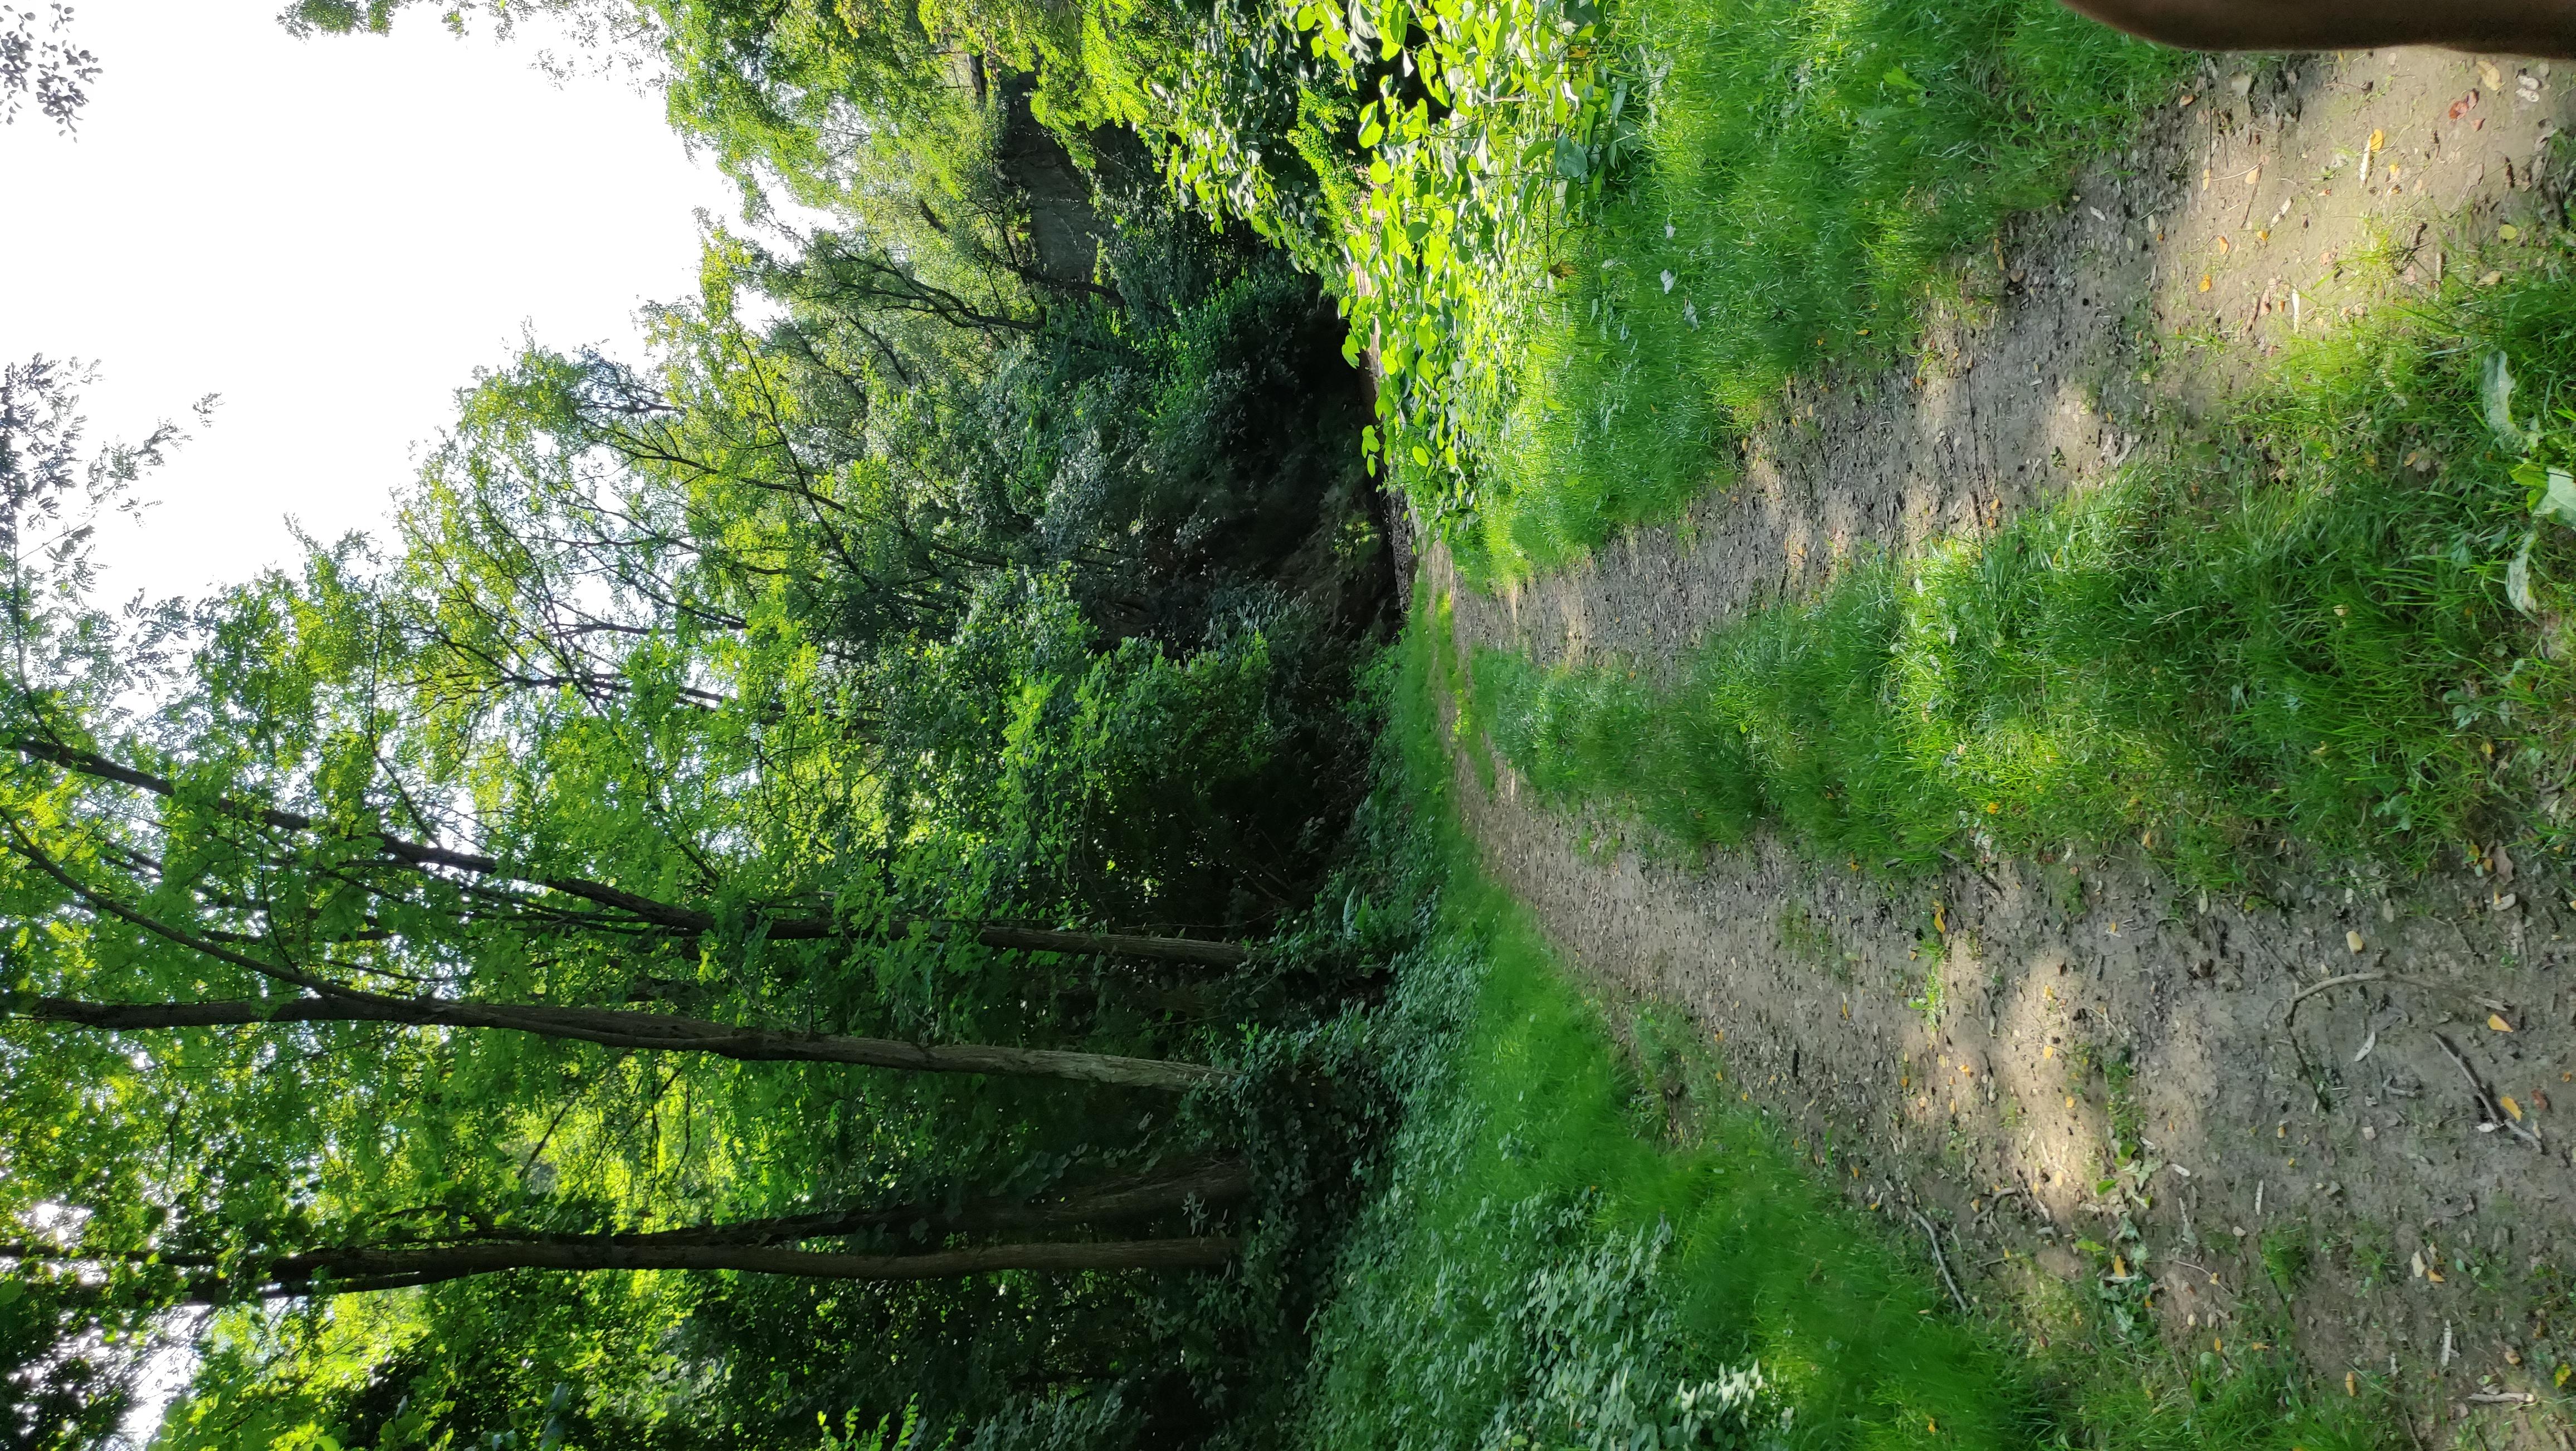 sentier botanique _4_.jpg